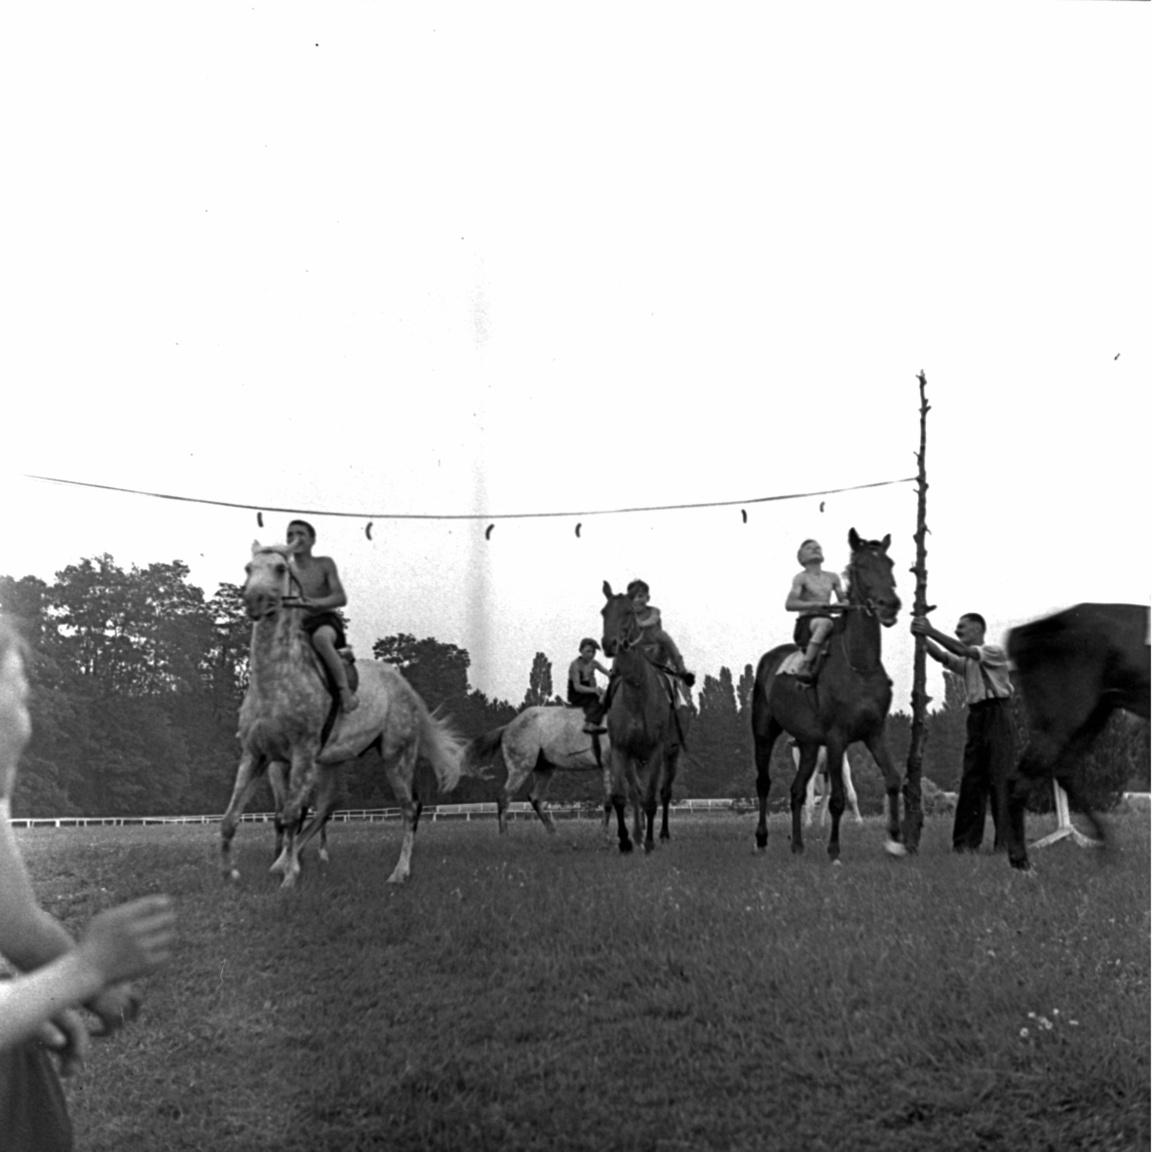 Azért Petanovits sem ment a szomszédba egy kis trükközésért. Az 1933-as Nemzeti és Hazafi DÍj után fújolással tüntettek ellene a fogadők. A háromévesek versenyében az első két helyet Petanovits lovai vitték el. Végrehajtó nyert Fokos előtt. Utóbbi volt a favorit, ezért rengetegen tettek rá pénzt. A fogadók úgy érezték átverték őket, Petanovits belenyúlt a versenybe. Főleg azután, hogy az előző évben Végrehajtóról terjedt el, hogy jobb, aztán a fontos versenyeket Fokos nyerte. A nagyot kaszáló bukmékerek azért tudtak örülni Petanovits ilyen sikereinek is.